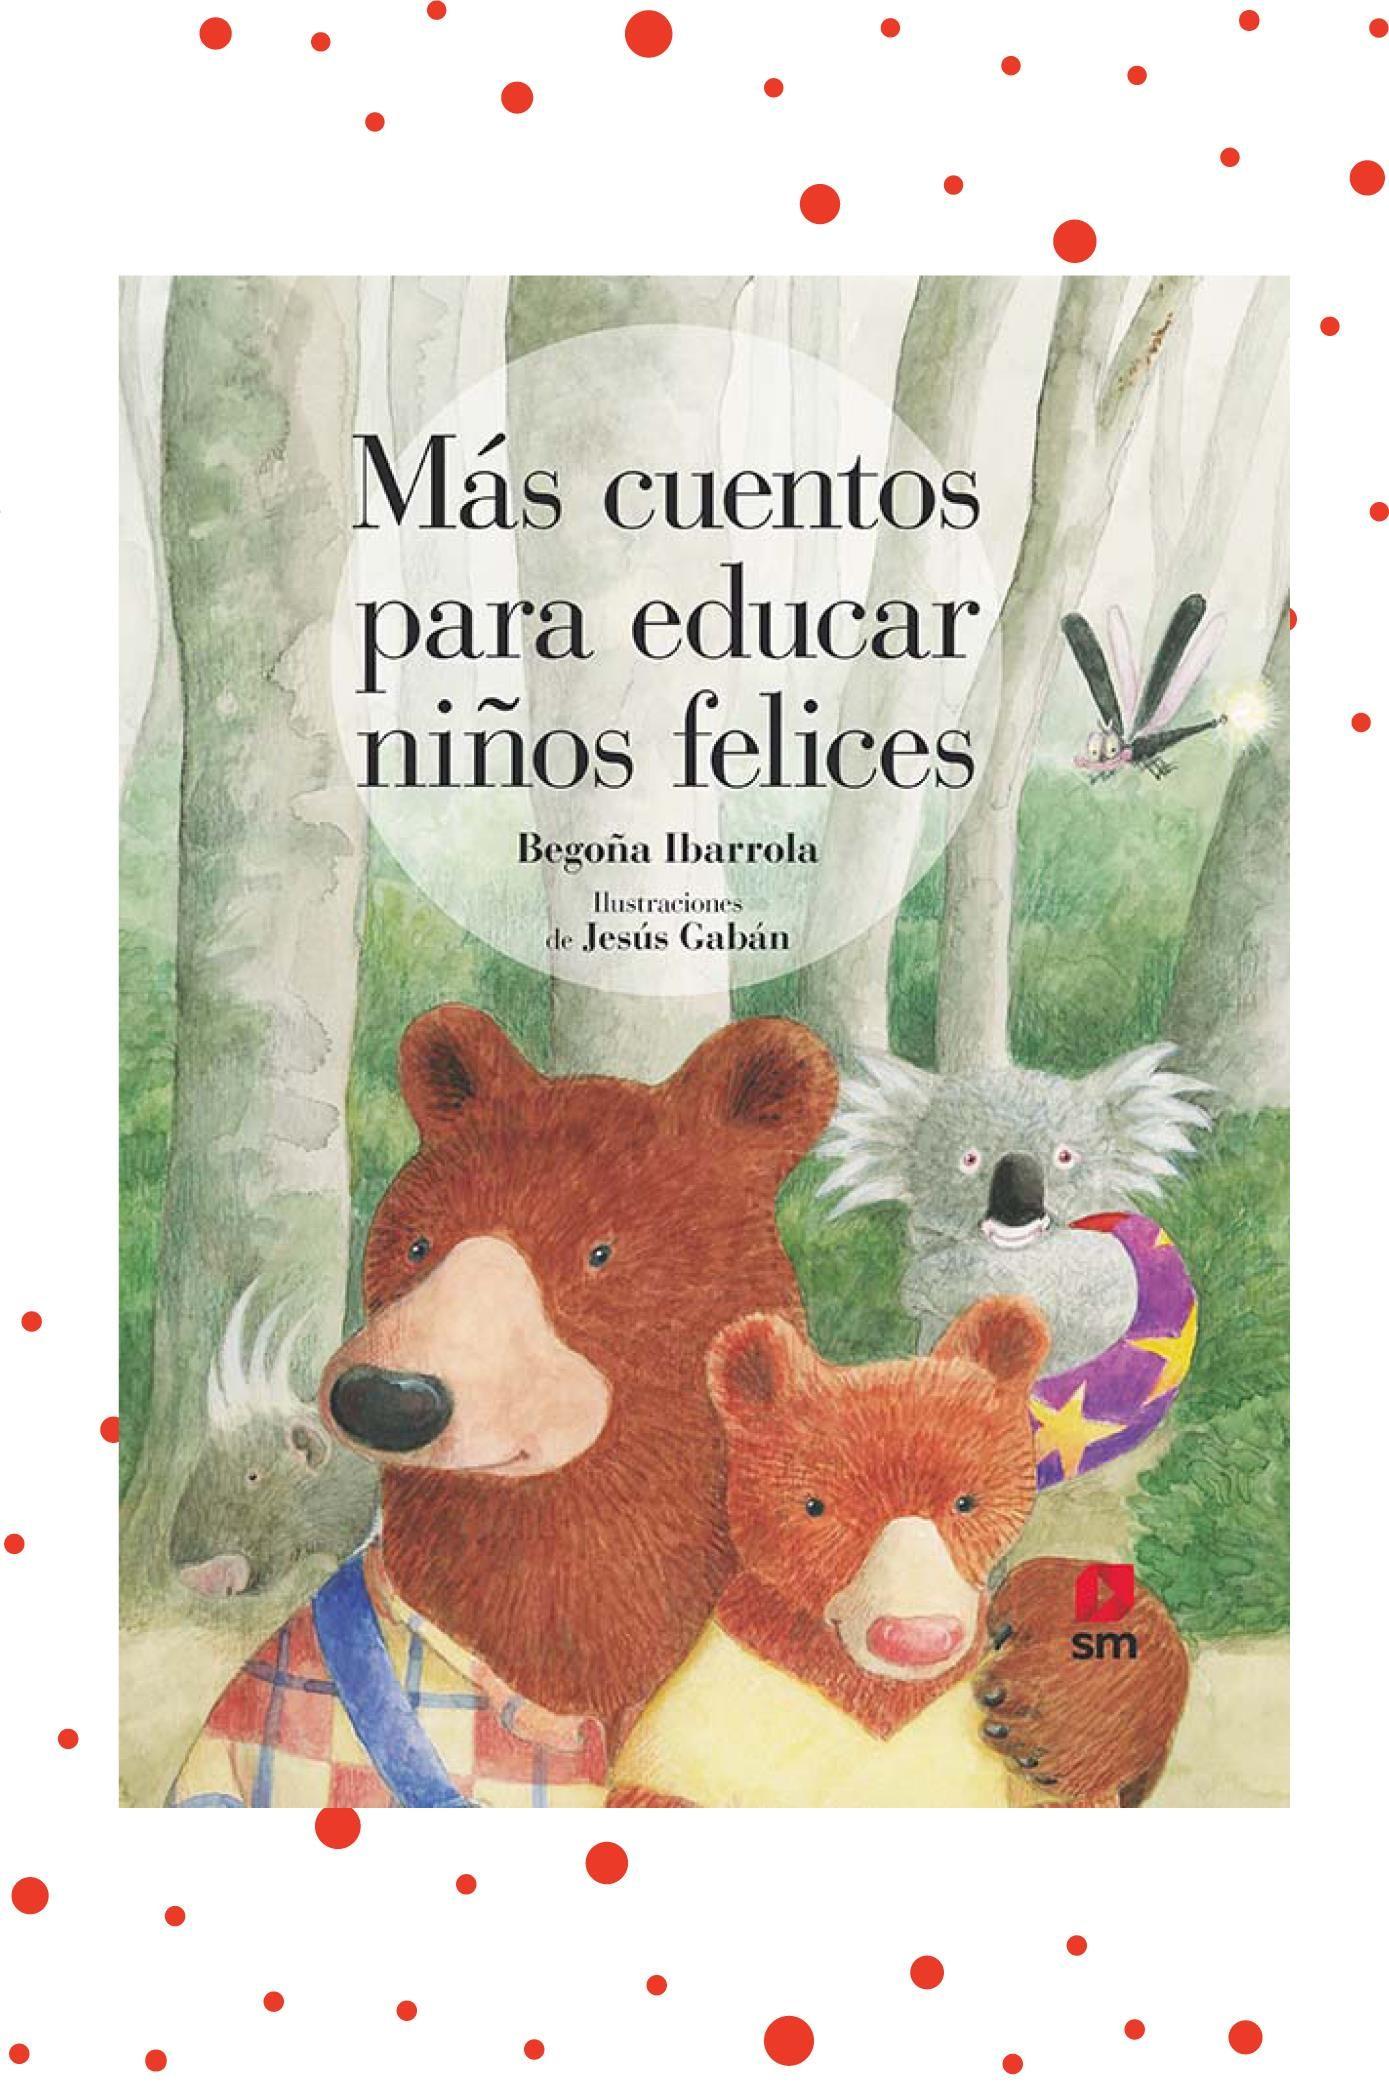 Libros Que Enganchan Para Regalar O Regalarte Esta Navidad Niños Felices Libros Para Niños Cuentos